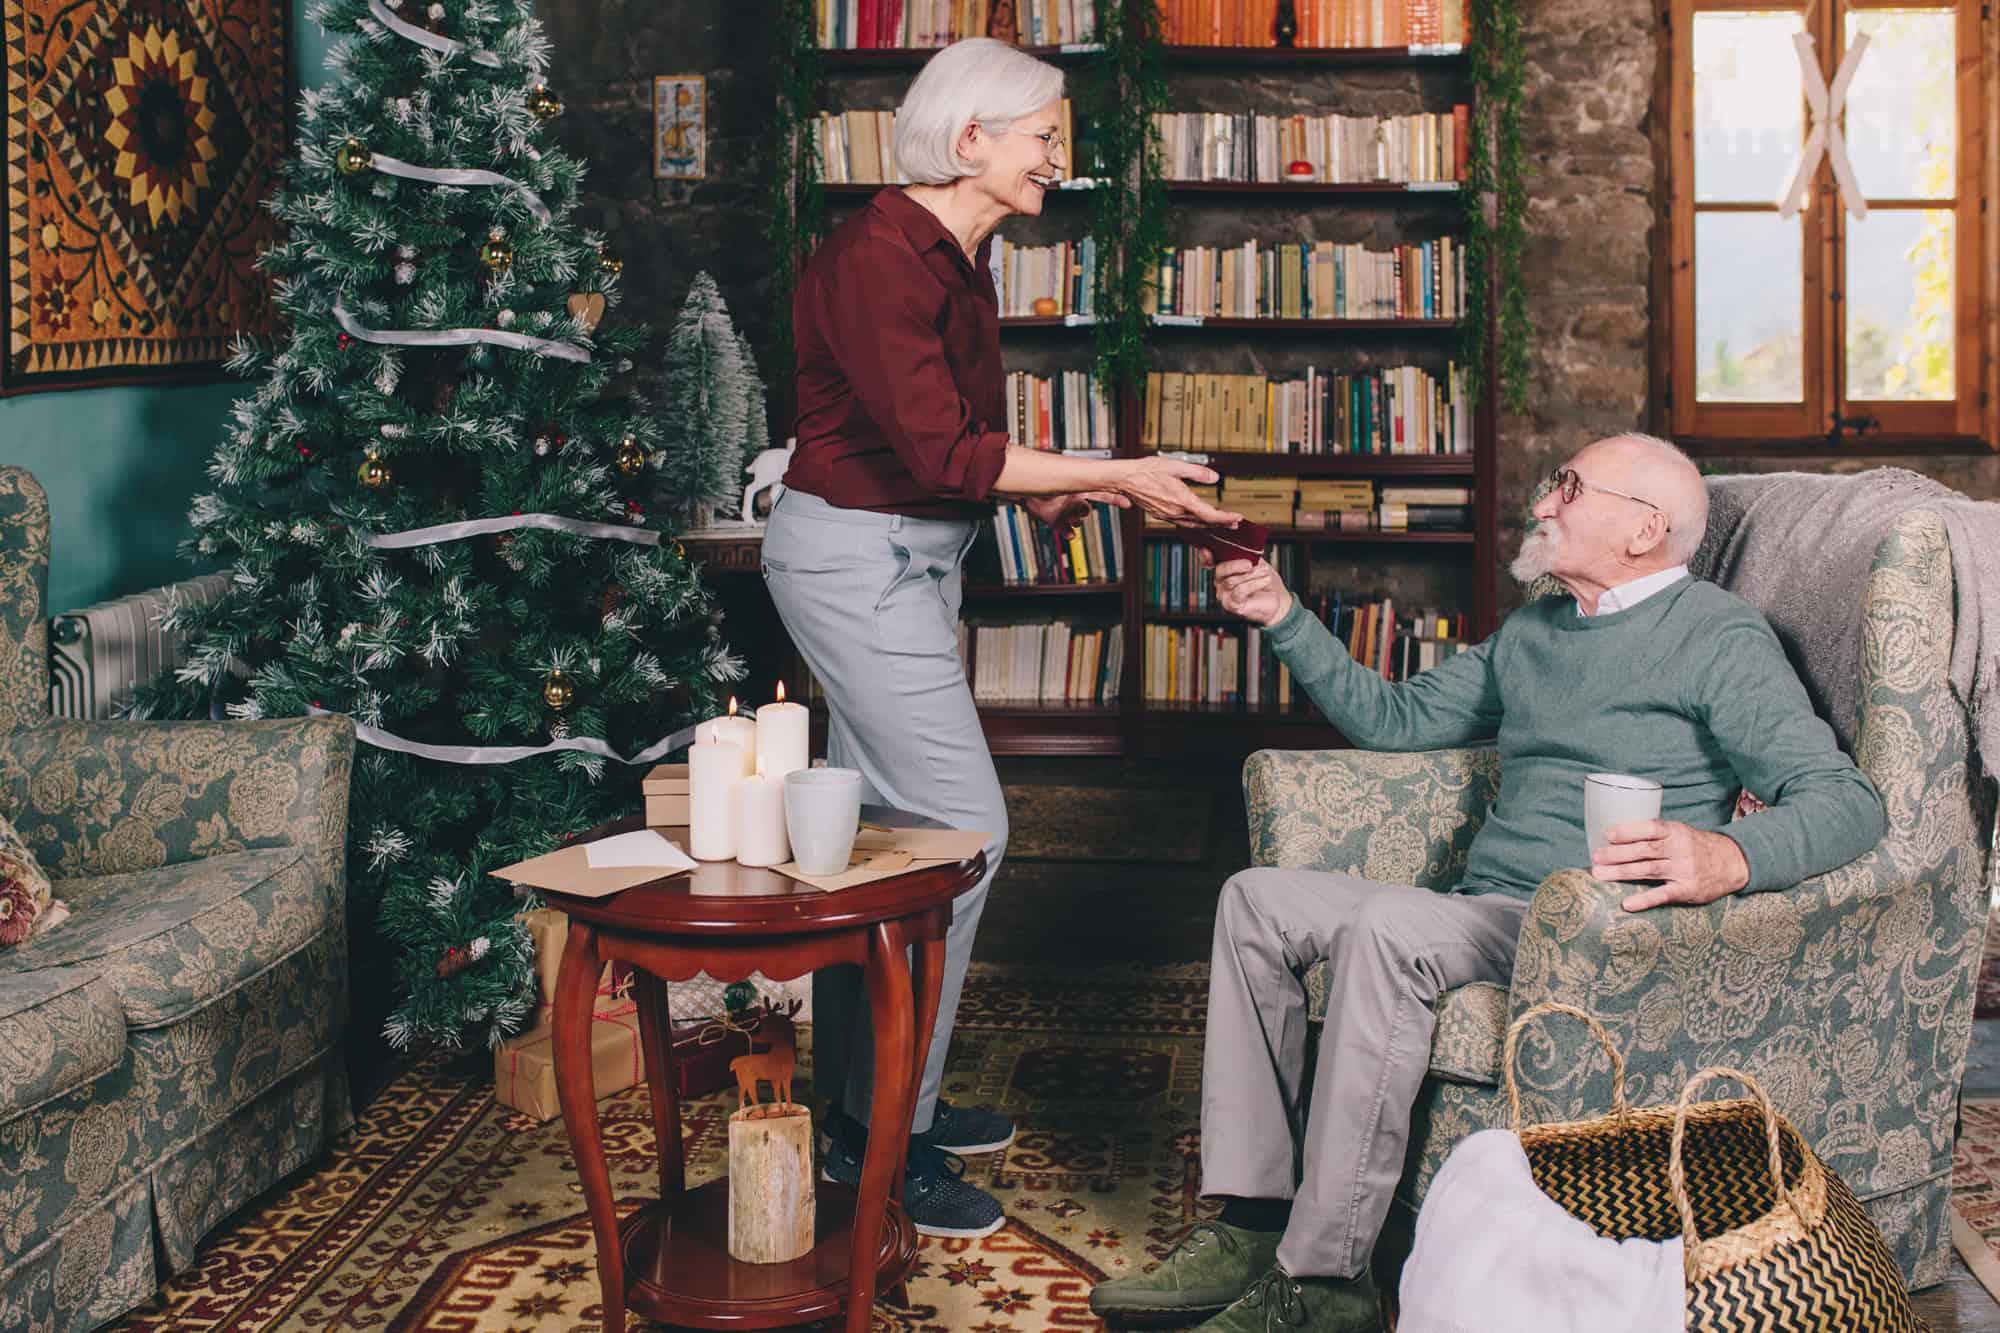 Blog: ¿Cómo podemos celebrar la Navidad con una persona con Alzheimer?